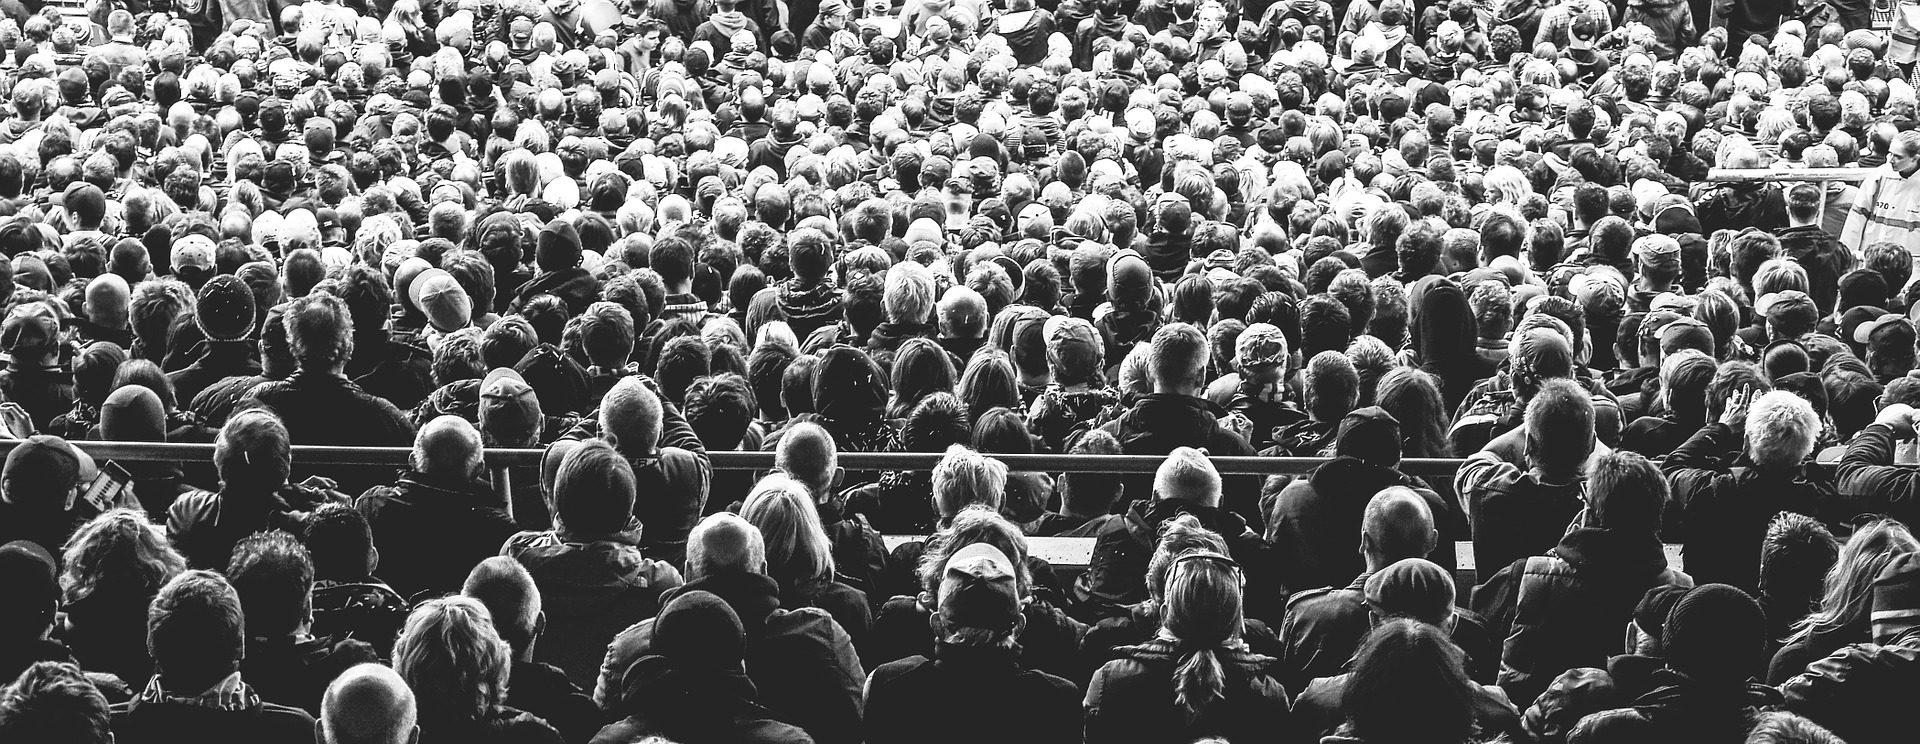 Publikum im Hörsaal Schwarz/Weiß